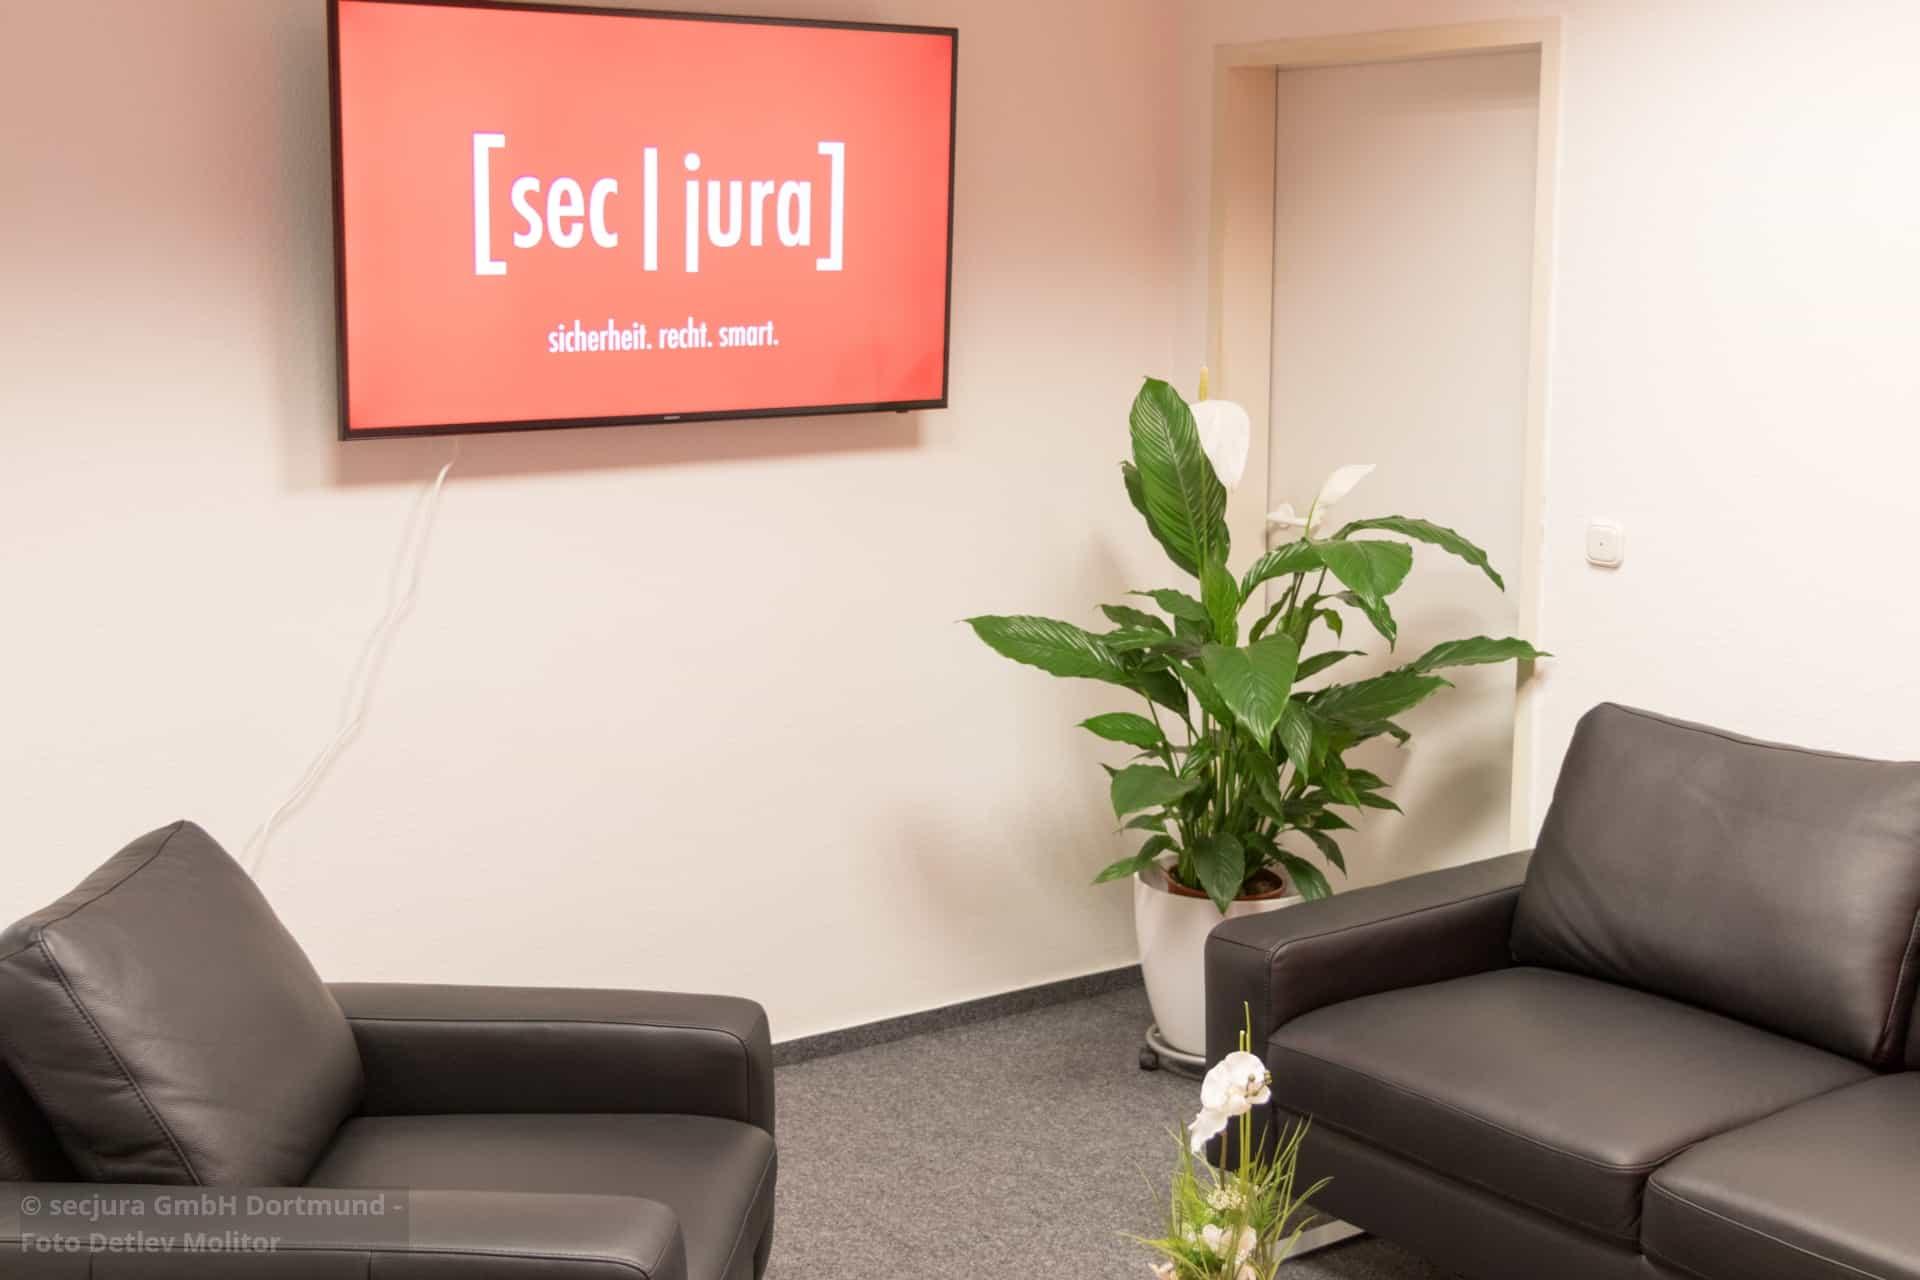 secjura GmbH